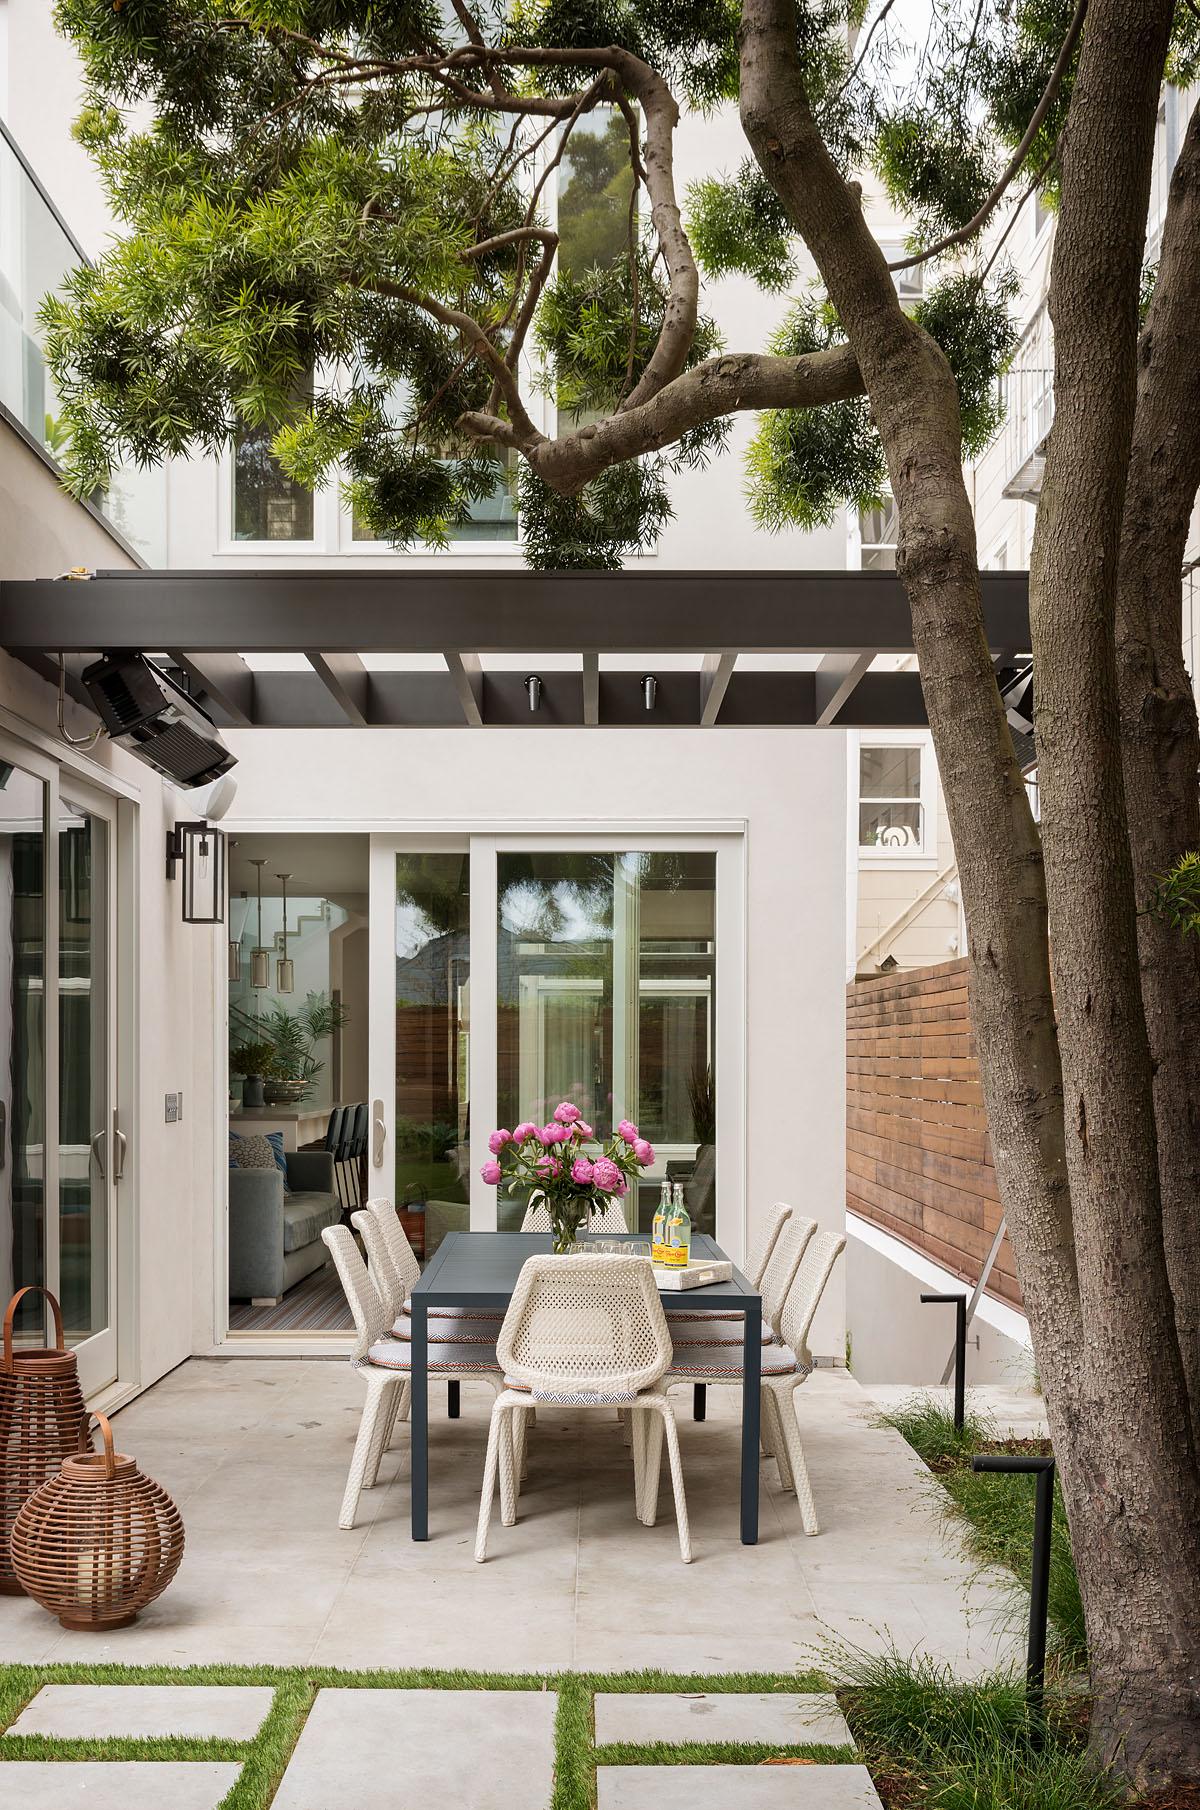 16 mwm-scotty-259x-patio.jpg